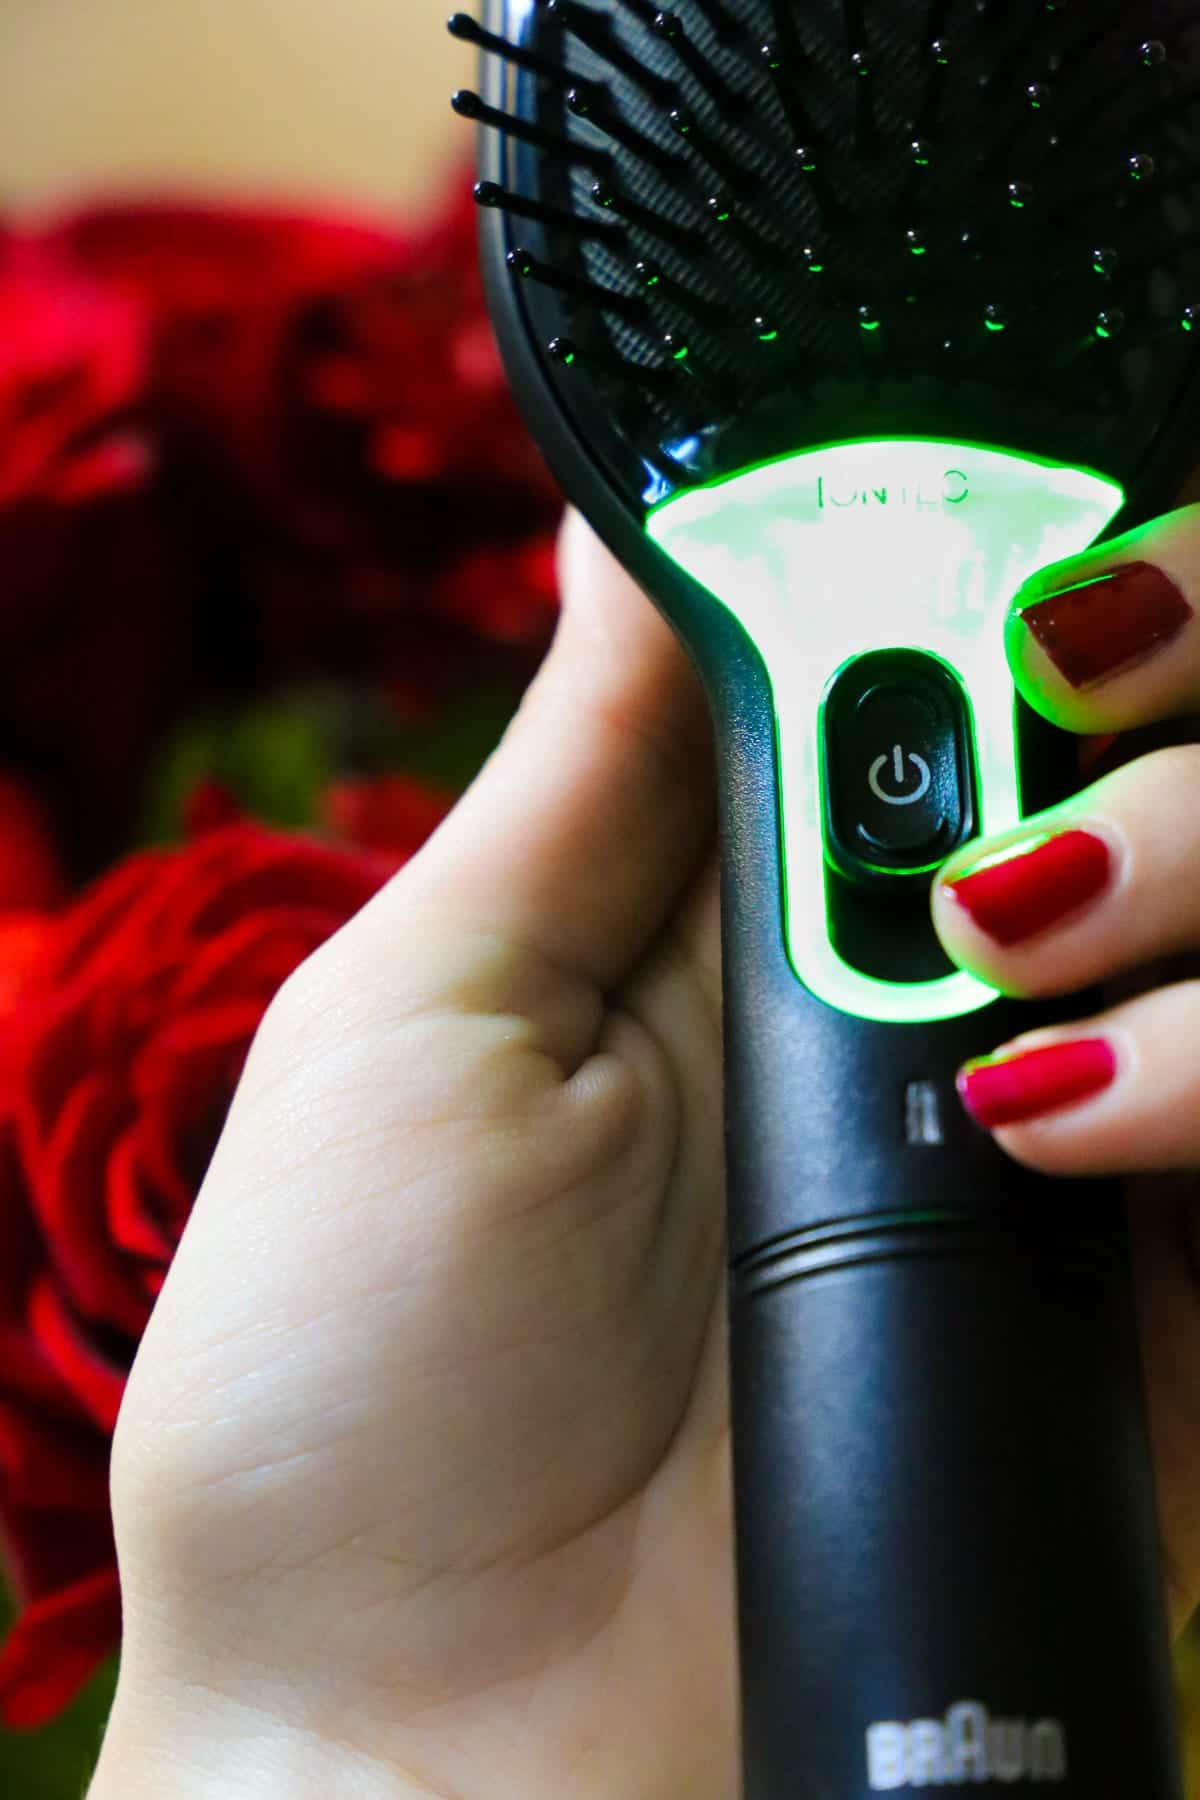 Get ready with HER & Braun: Beauty Tipps für dein perfektes Styling!